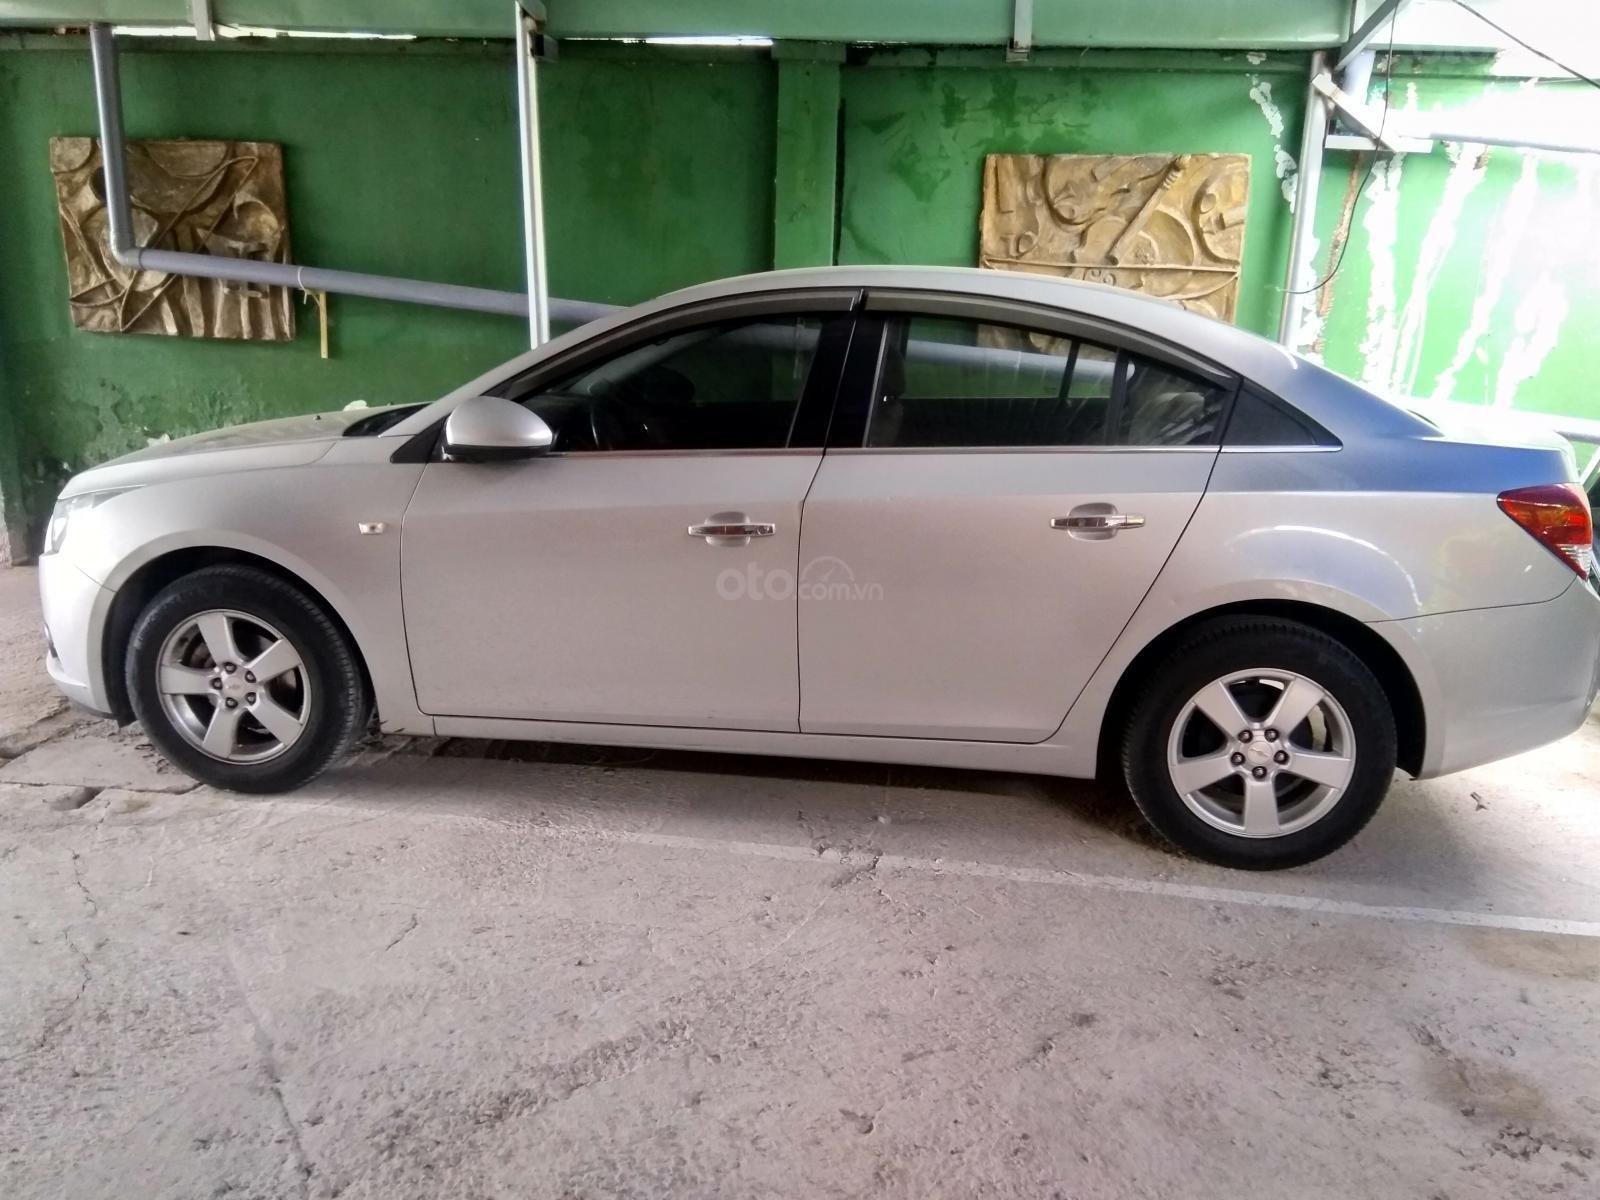 Bán xe Chevrolet Cruze năm 2014 màu bạc - liên hệ trực tiếp chính chủ - xe gia đình đi, đảm bảo không đâm đụng ngập nước (2)